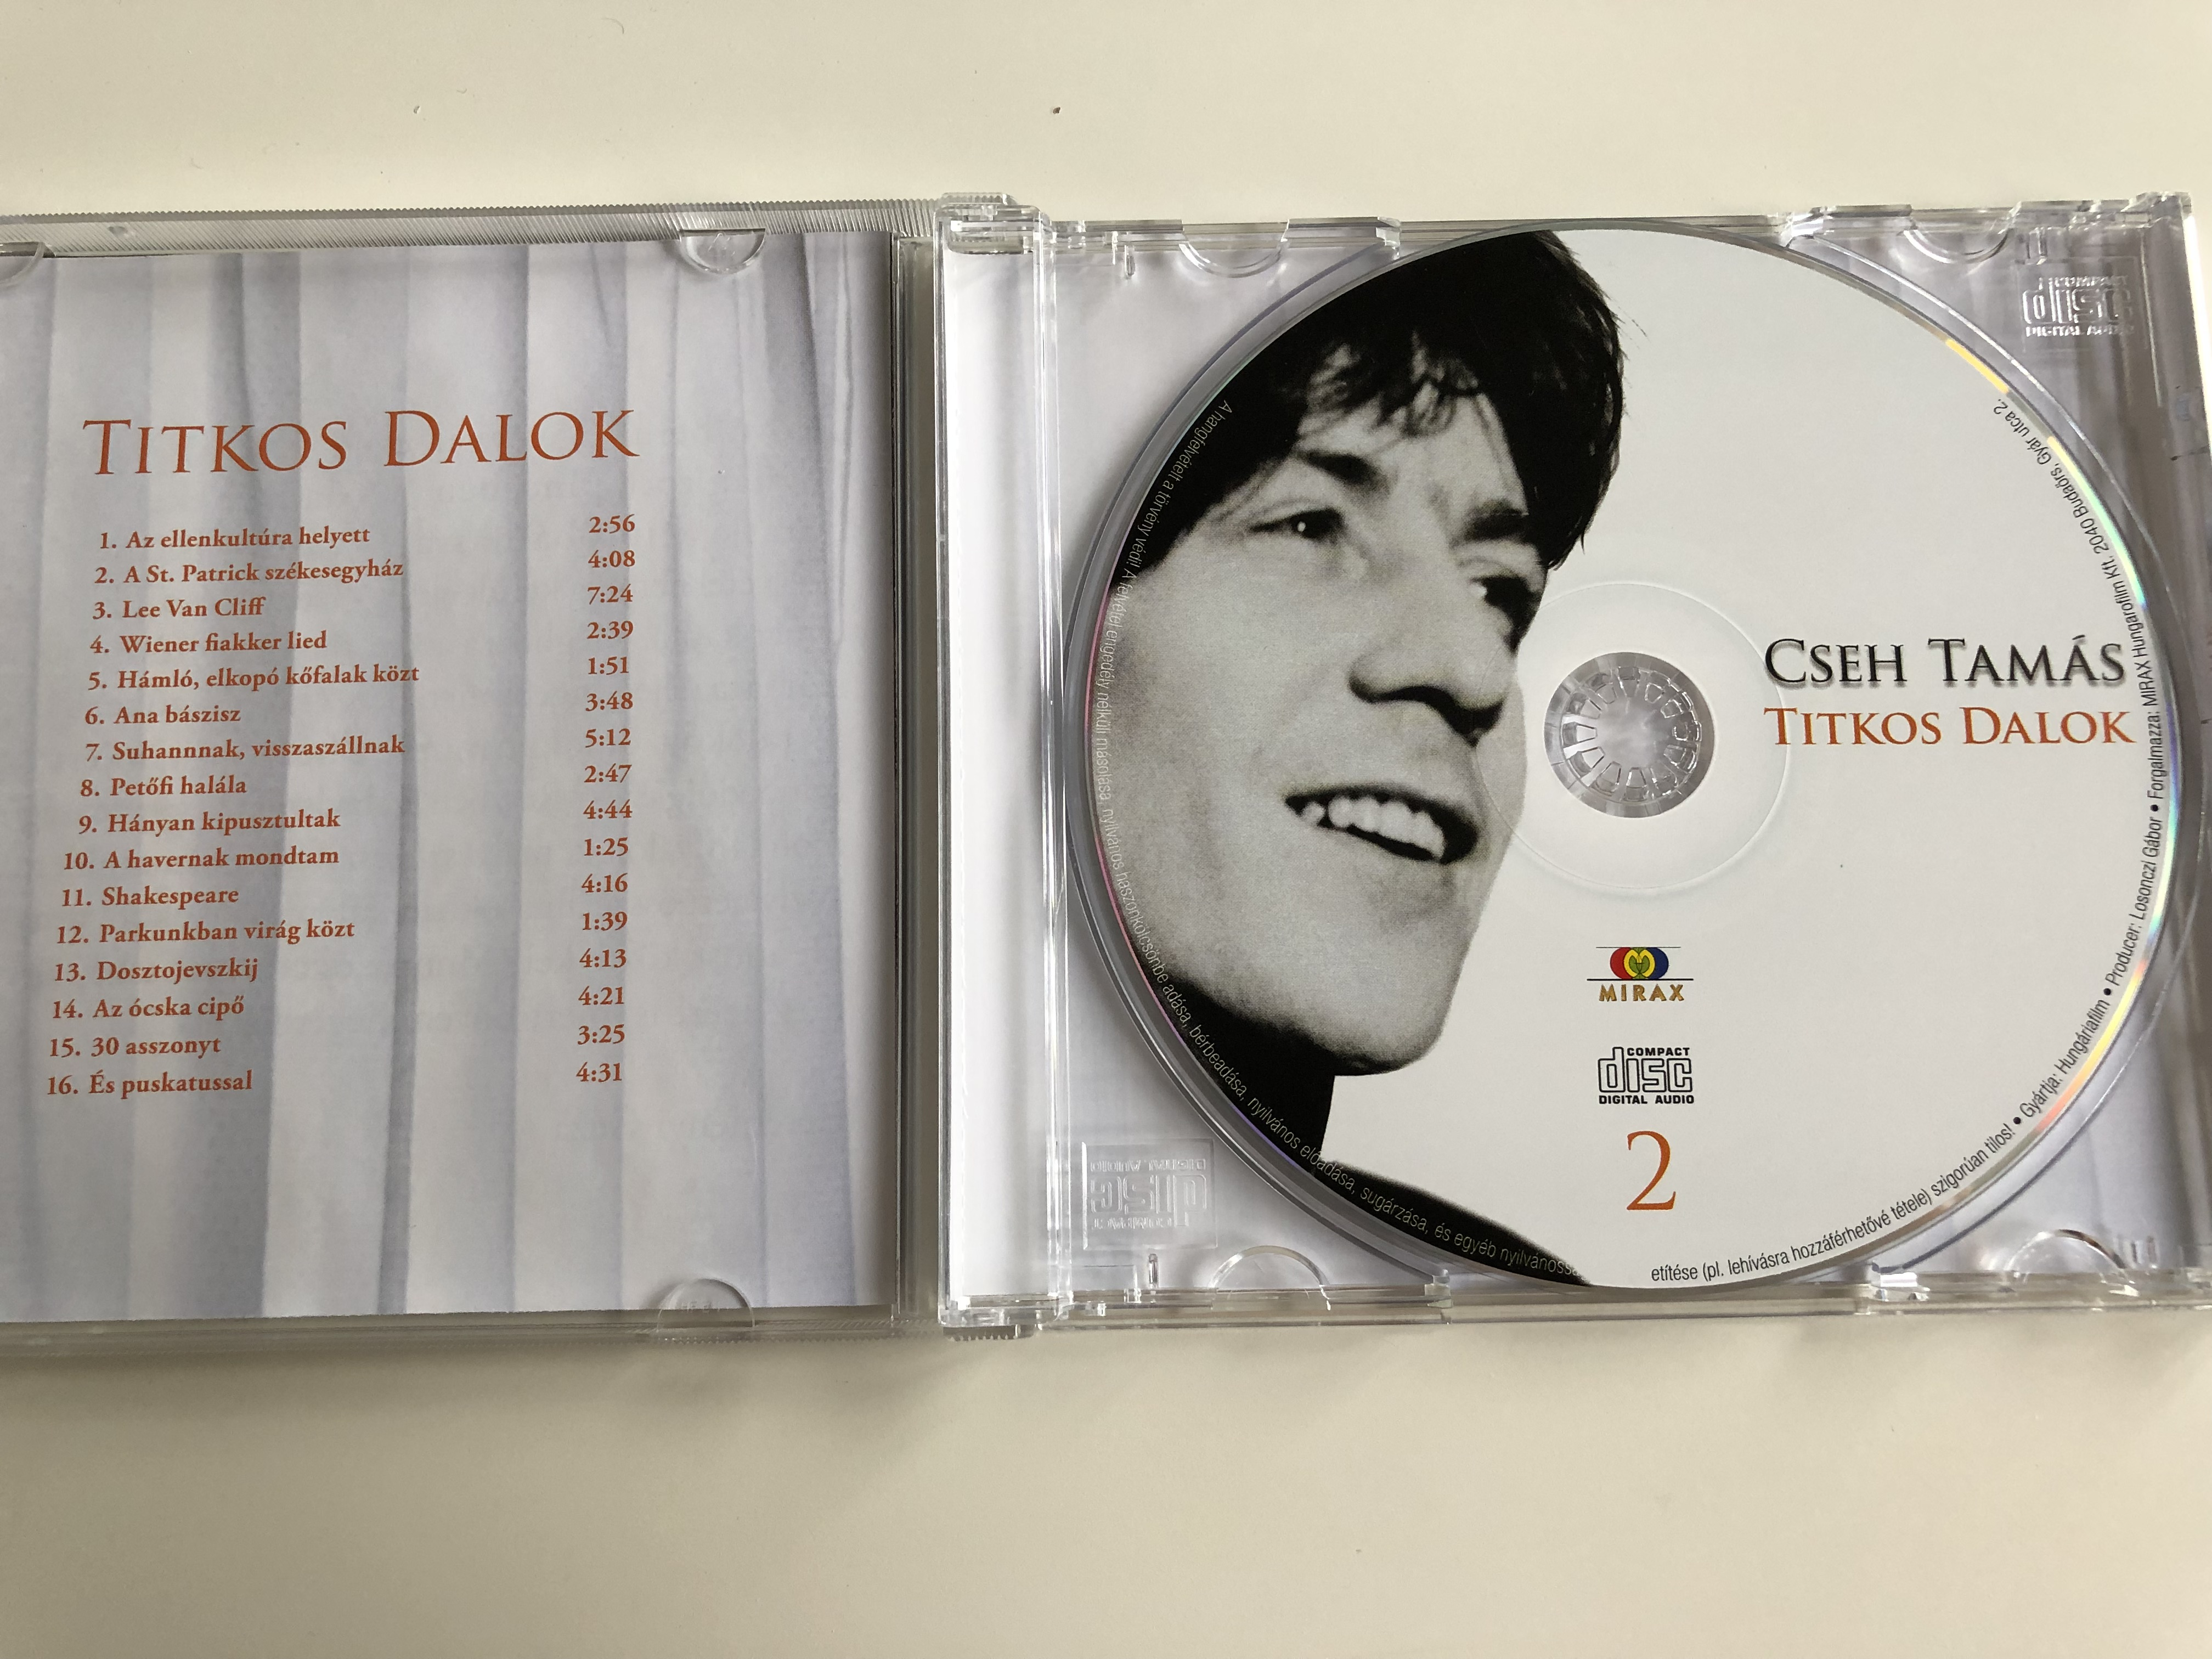 cseh-tam-s-titkos-dalok-2-az-ellenkult-ra-helyett-lee-van-cliff-ana-b-szisz-pet-fi-hal-la-shakespeare-az-cska-cip-audio-cd-2009-mirax-3-.jpg